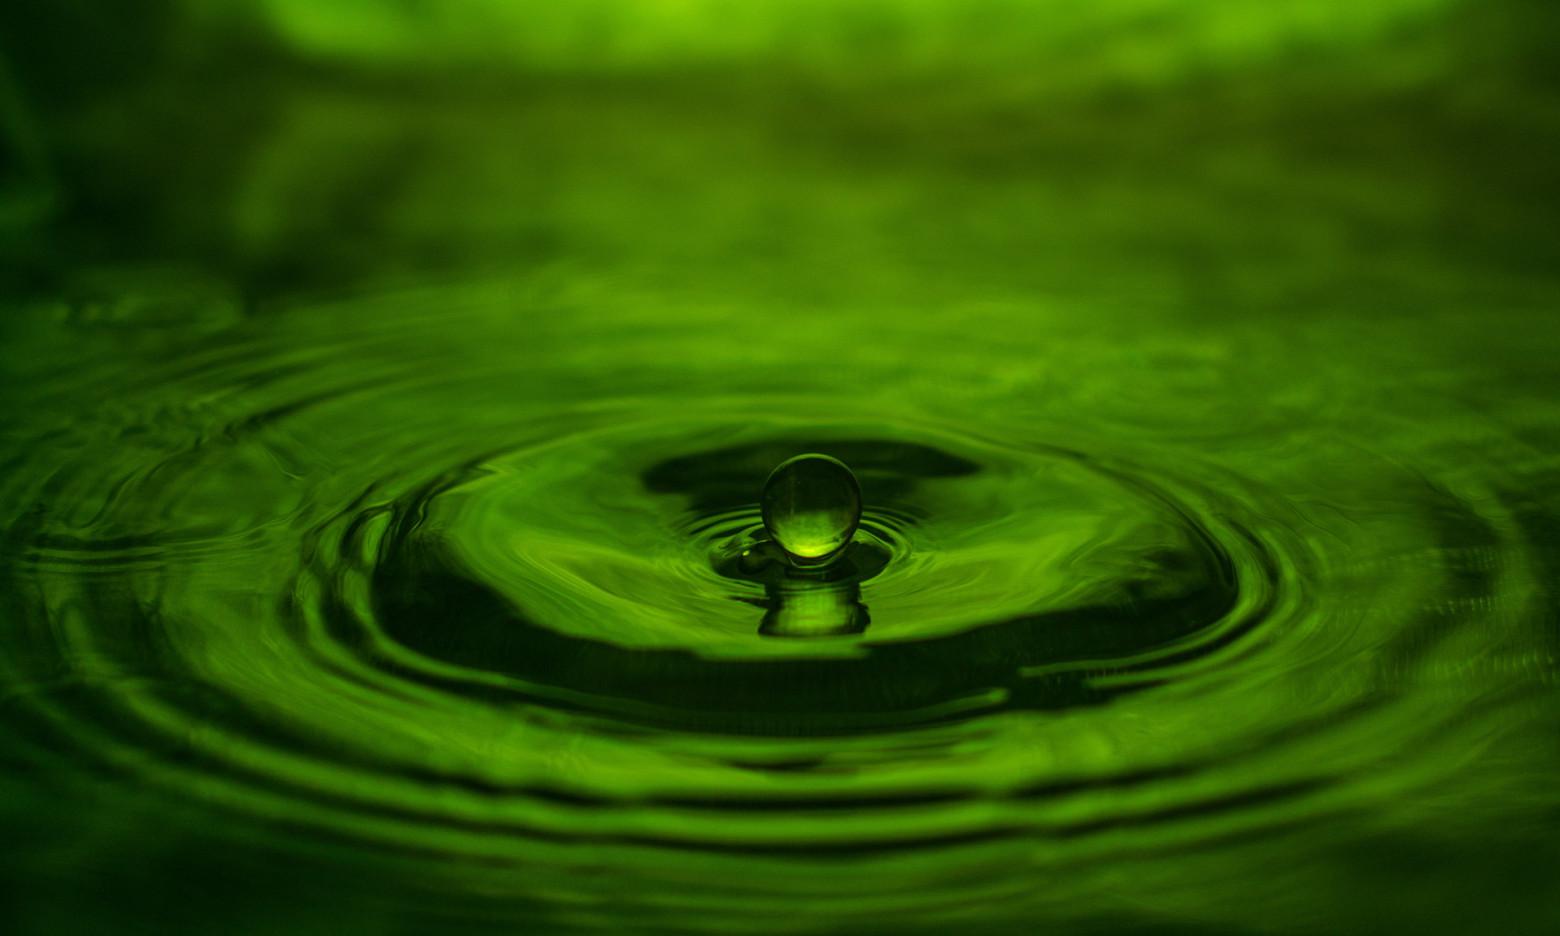 goutte d eau fond vert feuille nature images gratuites et libres de droits. Black Bedroom Furniture Sets. Home Design Ideas